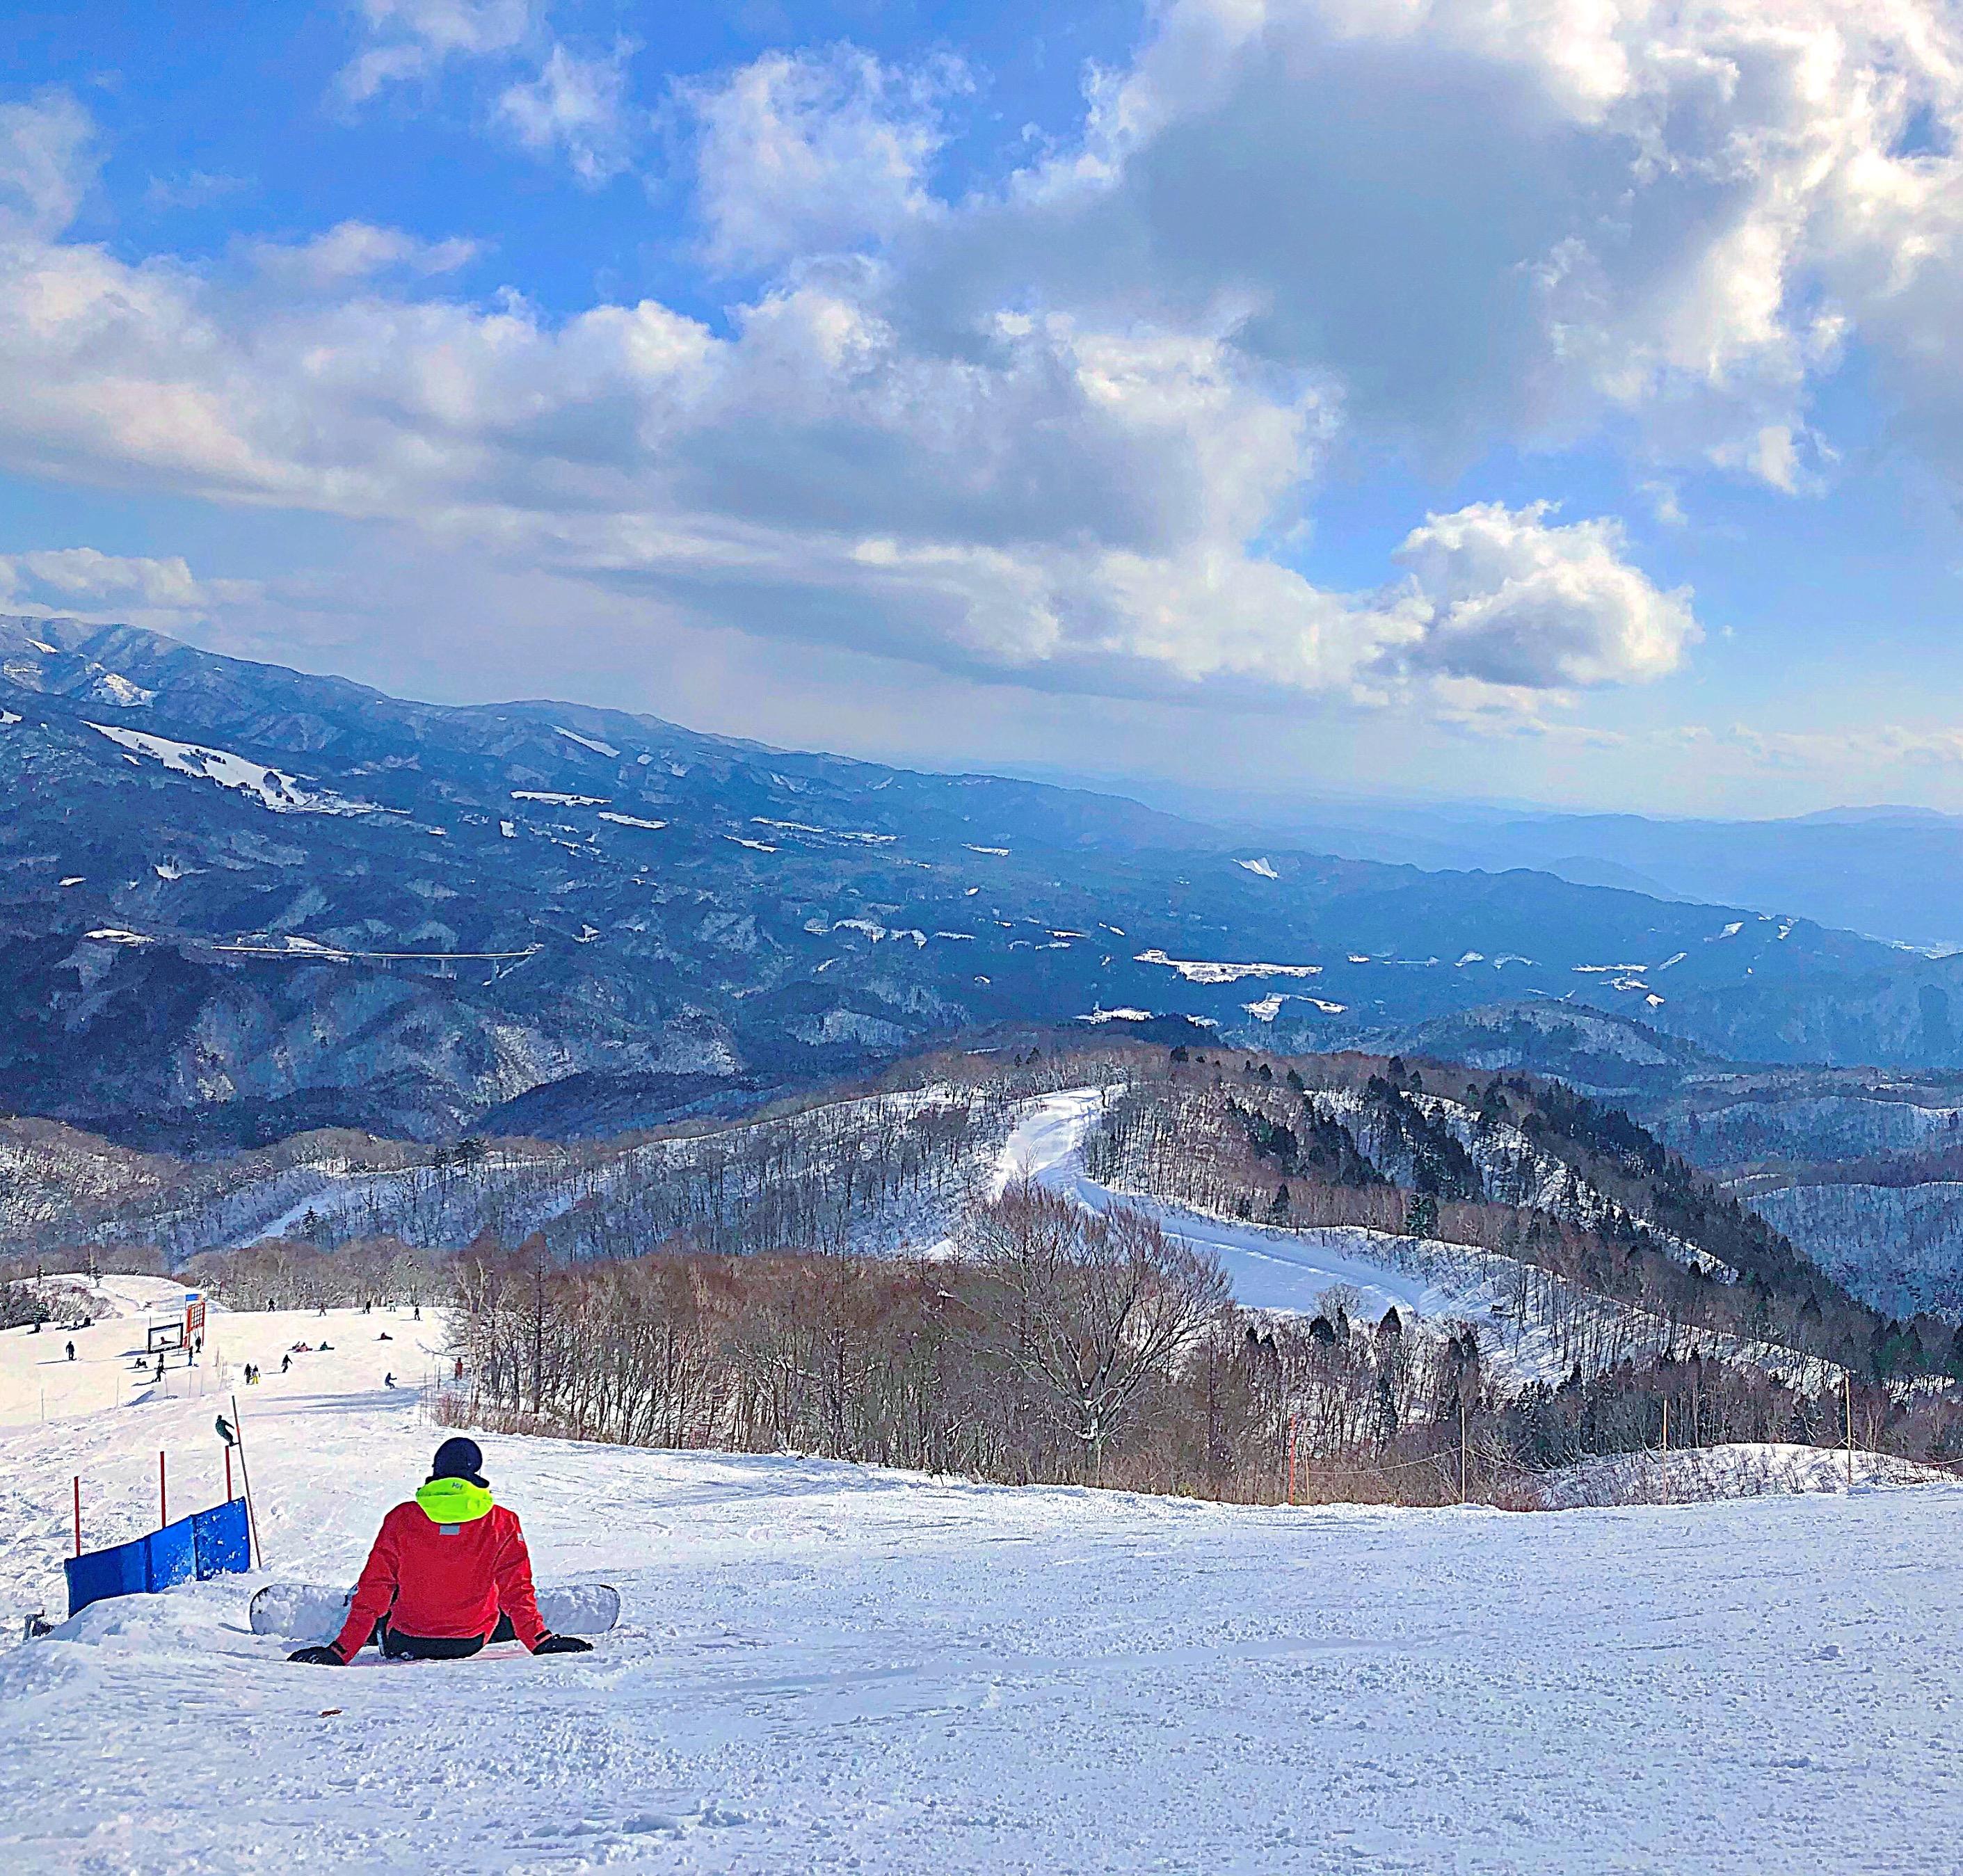 2月20日(水)はお休み頂戴しています|スノーボード行ってきます